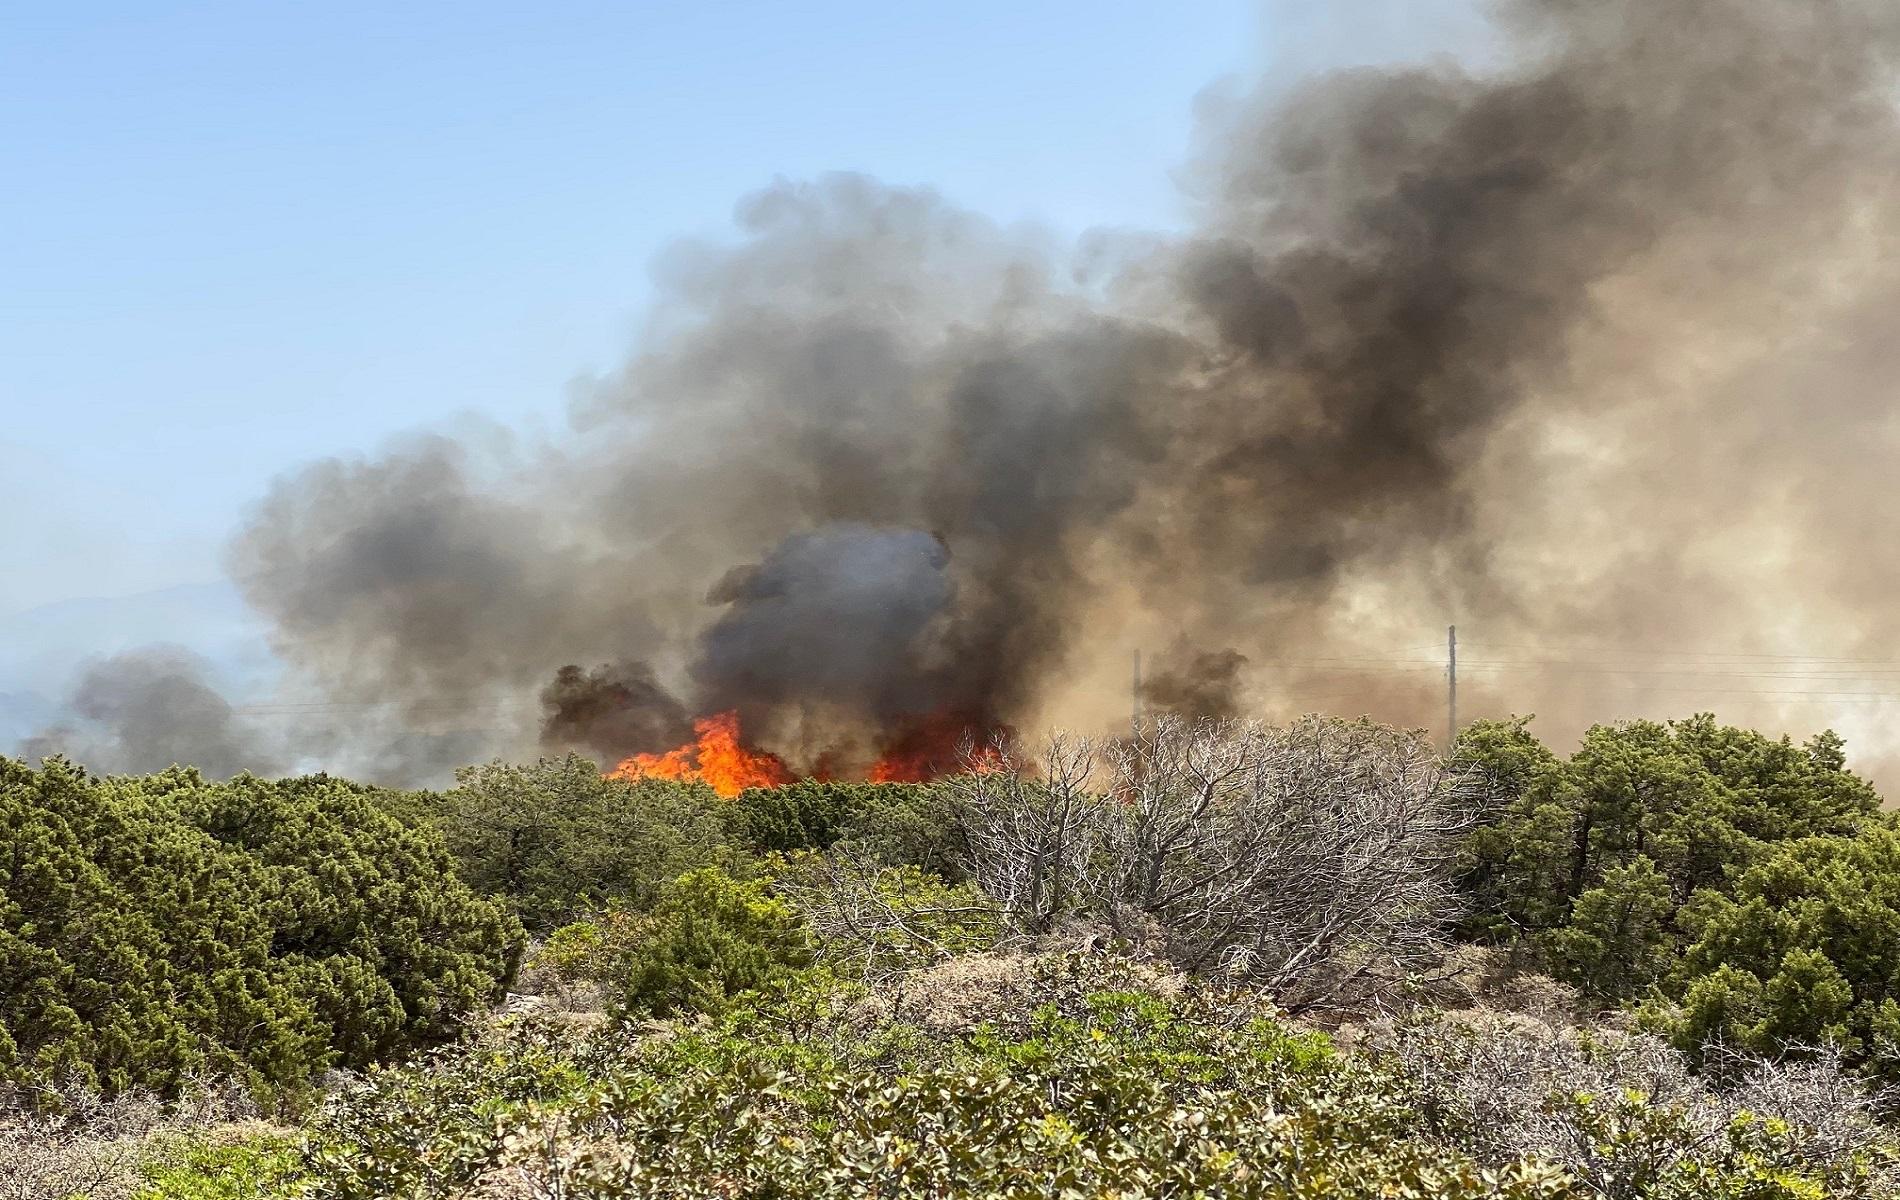 Λέσβος: Φωτιά απείλησε στρατόπεδο – Βραχυκύκλωμα τύλιξε στις φλόγες αποθήκη με στρατιωτικά έγγραφα